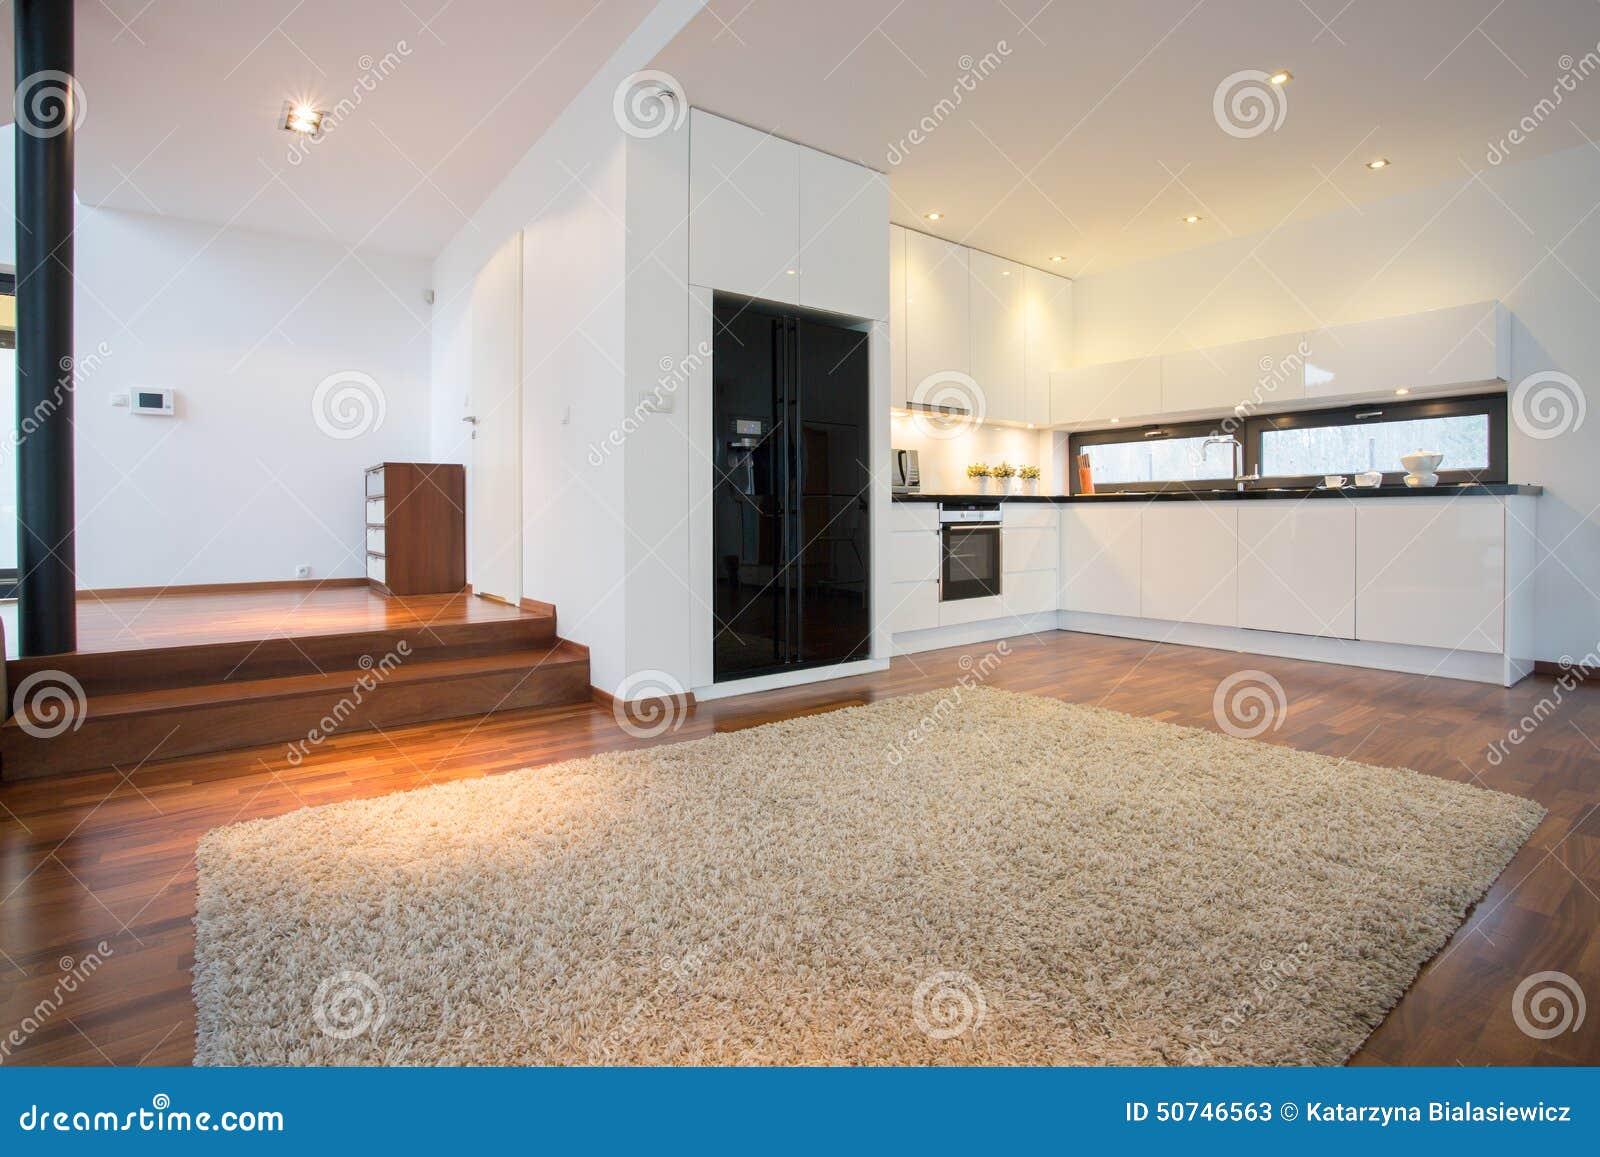 wohnzimmer mit offener küche | bnbnews.co